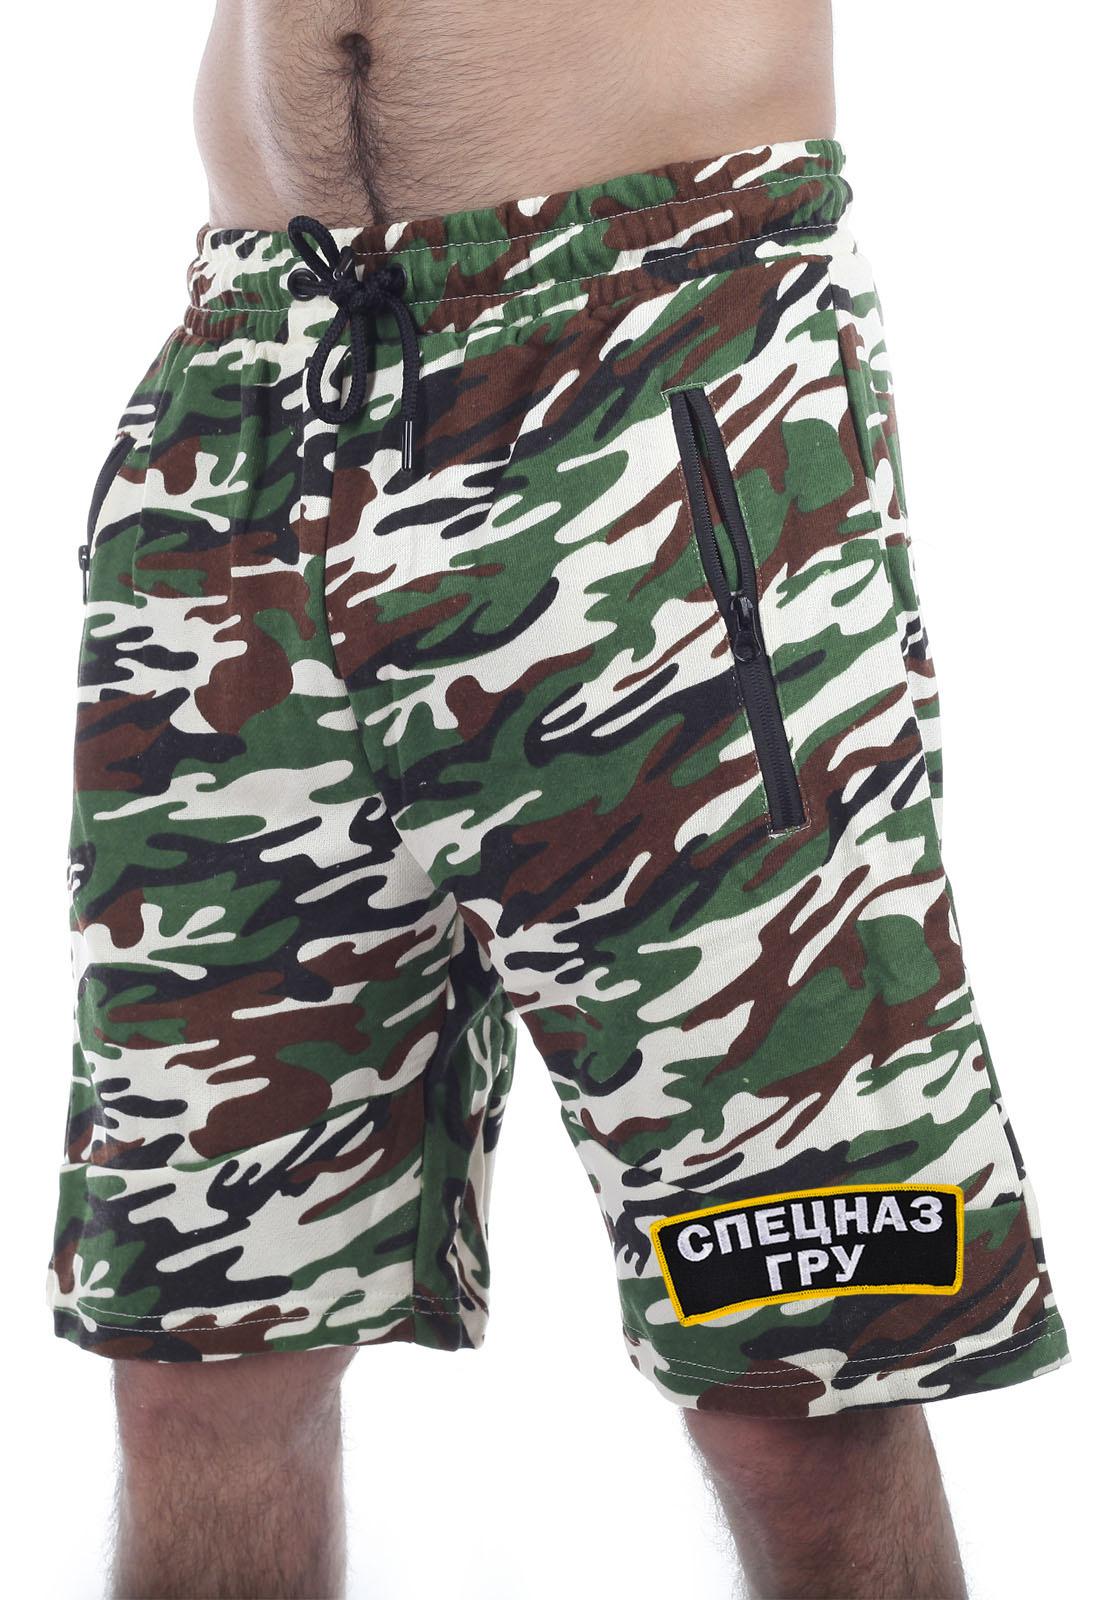 Купить в интернет магазине Военпро камуфляжные шорты ГРУ